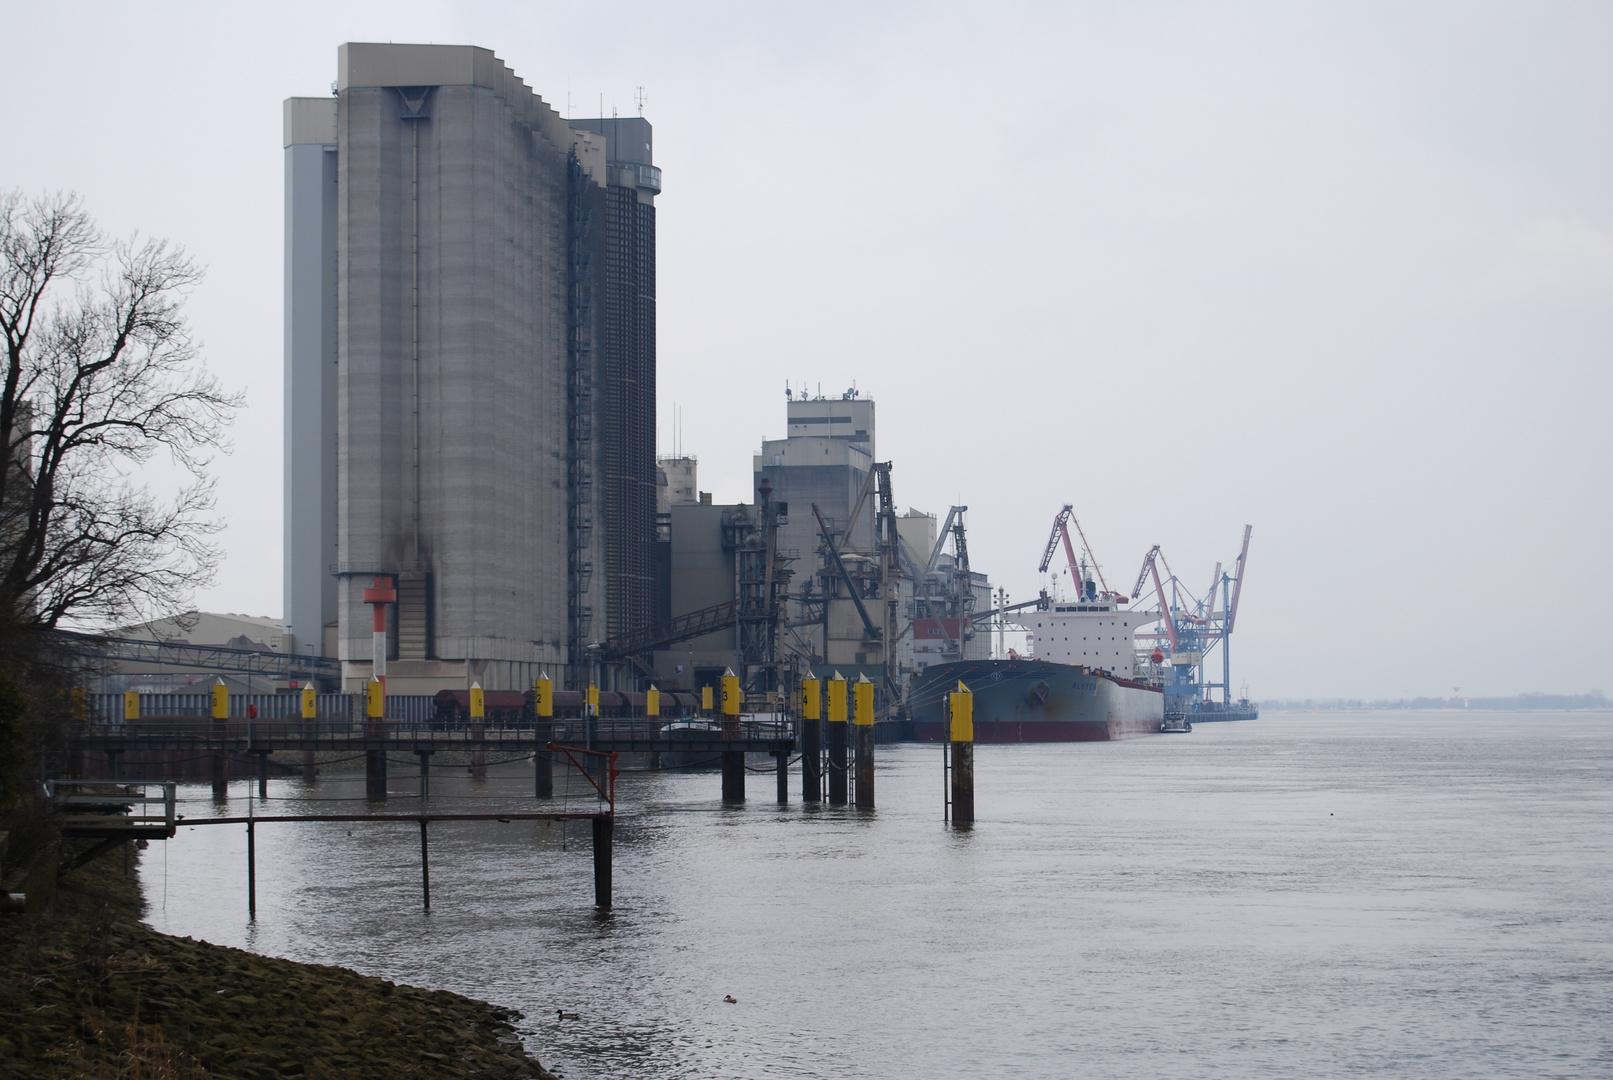 Getreidehafen Brake/Unterweser am 30.03.2013